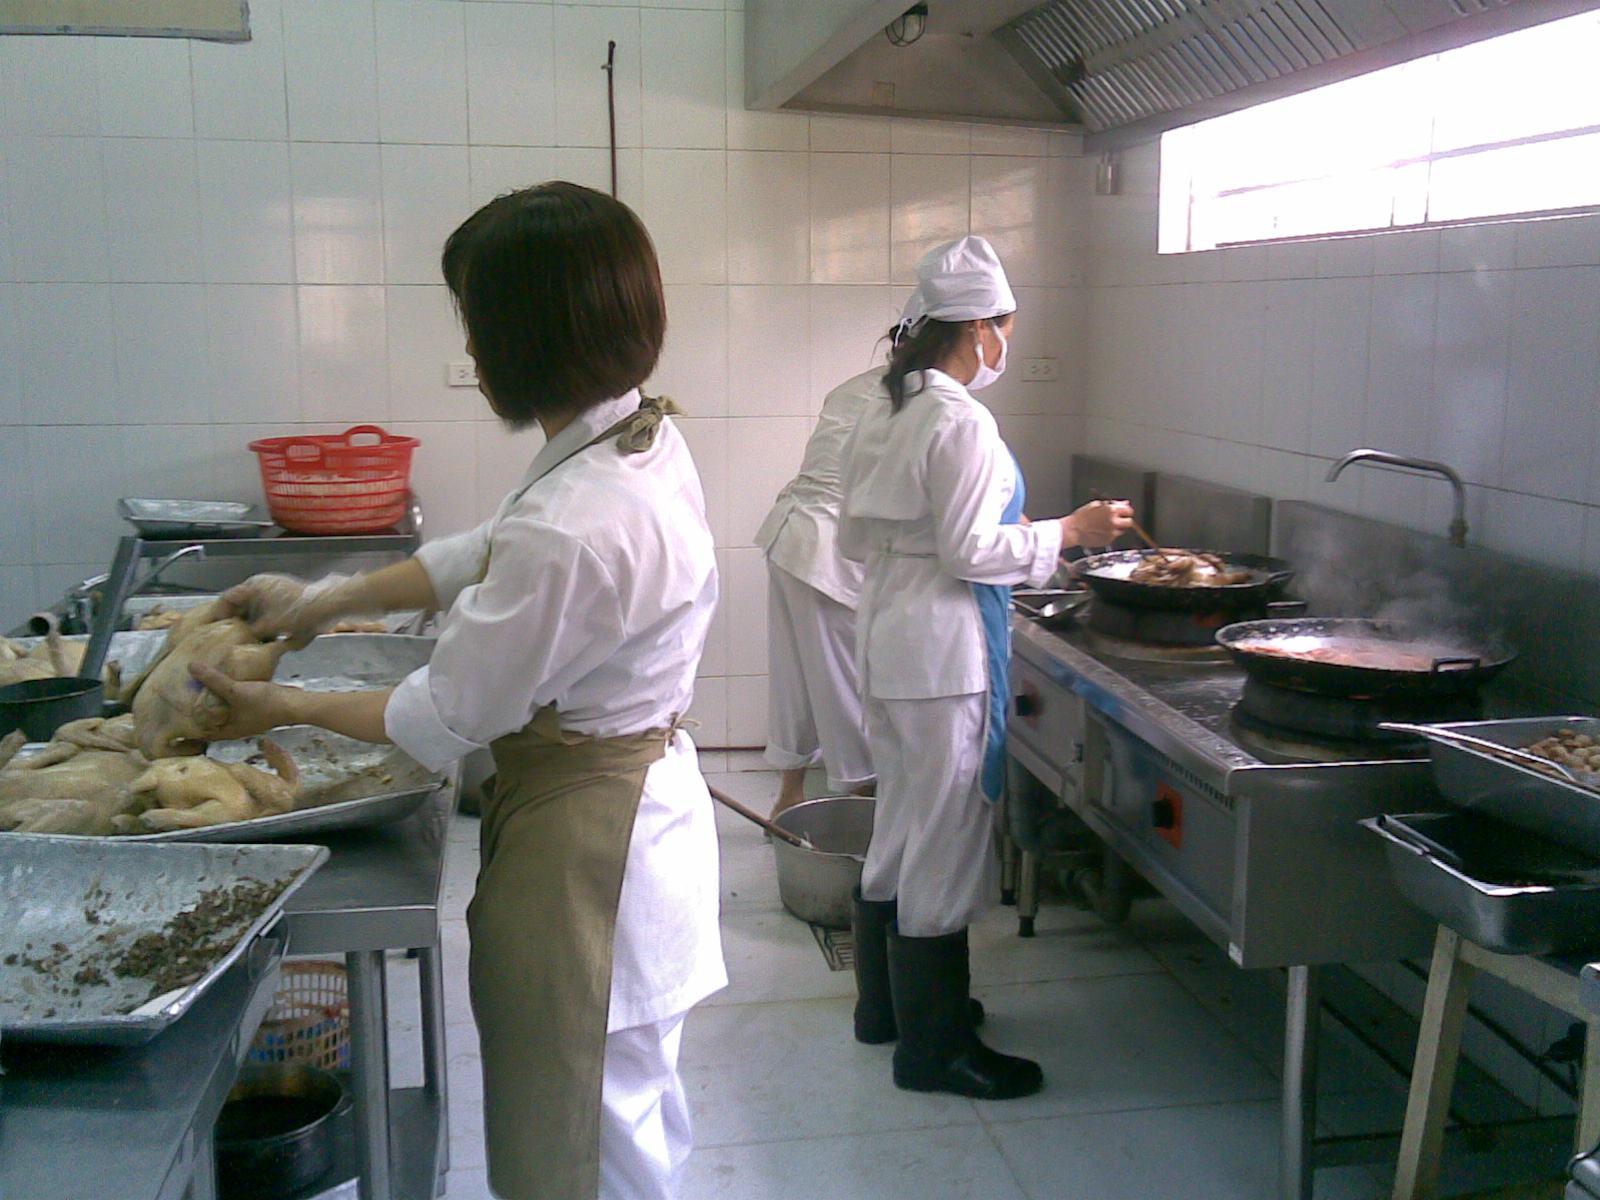 Hệ thống bếp công nghiệp, thiết bị bếp công nghiệp